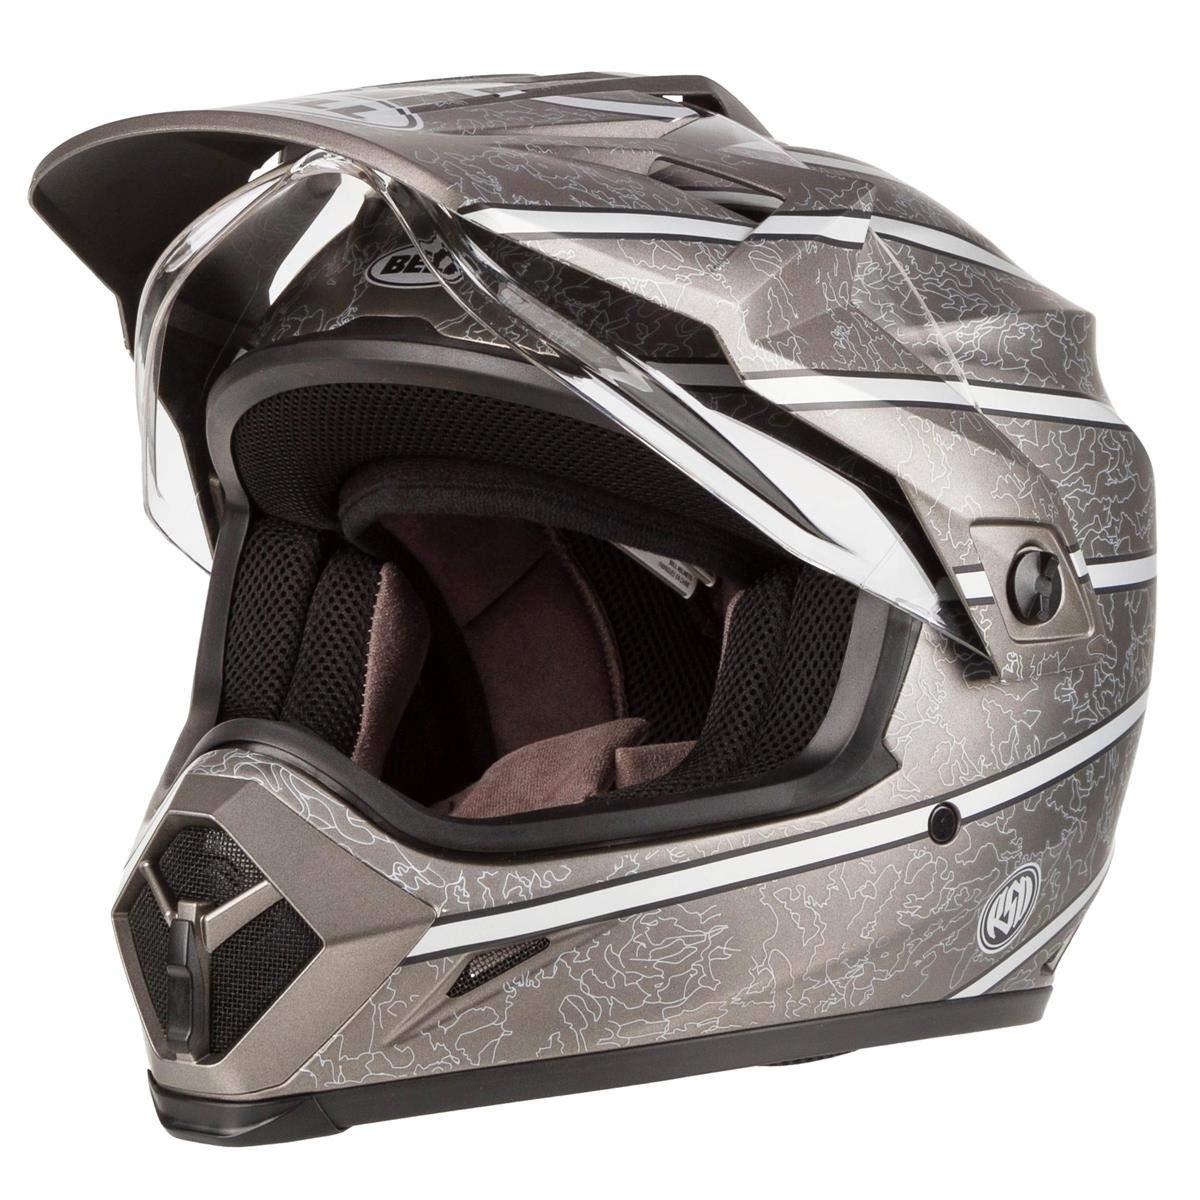 BELL MX 9 ADVENTURE MIPS RSD SILVER DUAL SPORT MOTORCYCLE MOTORBIKE BIKE HELMET